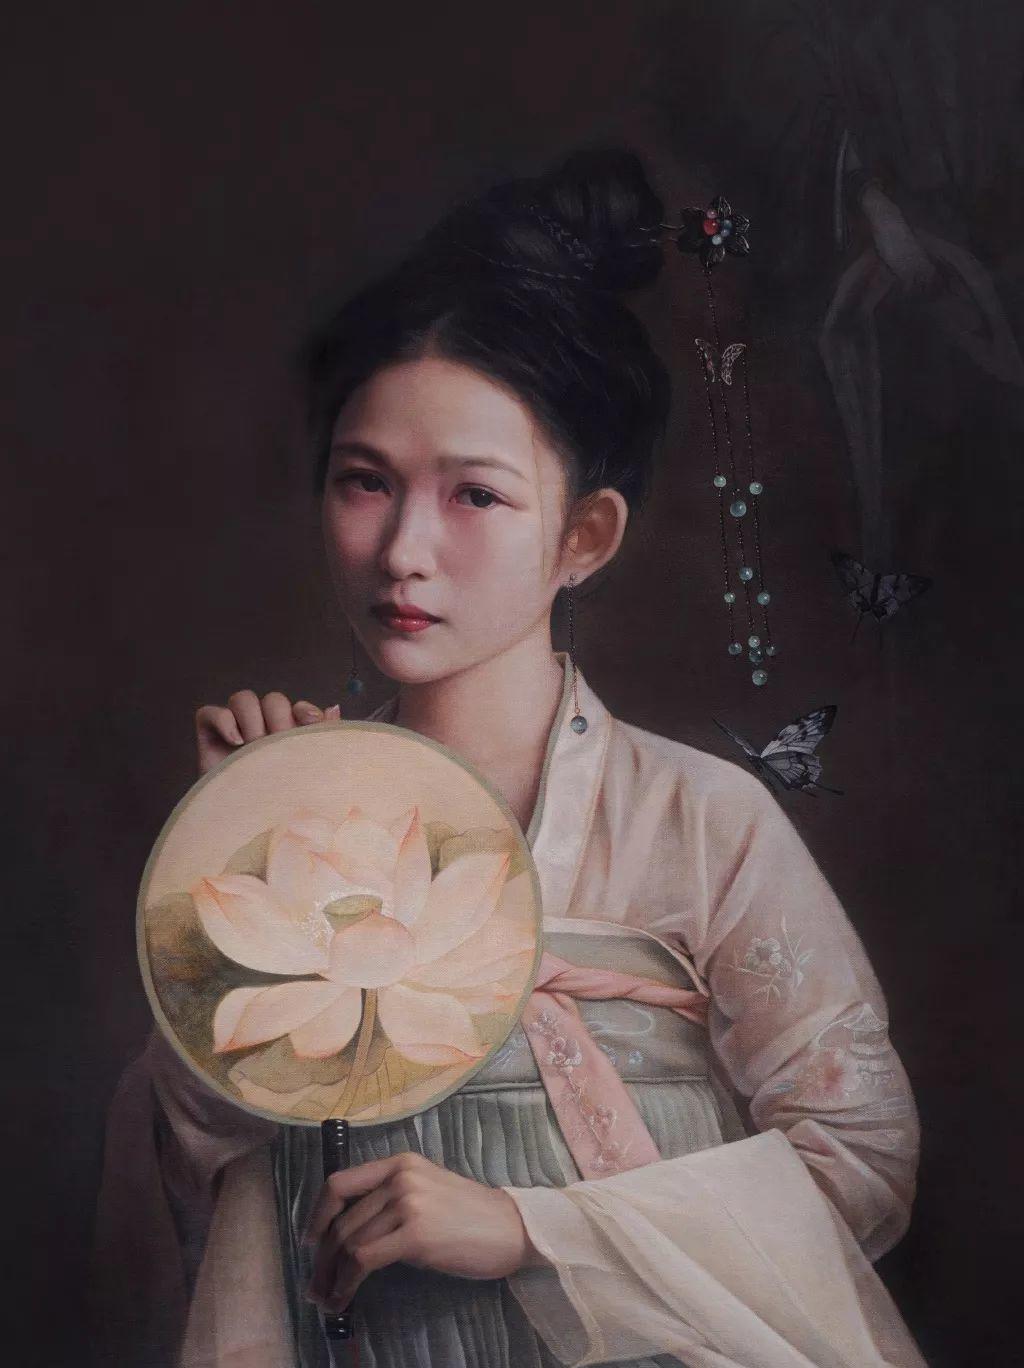 """她被媒界喻为""""荷画美人"""",亦被称为中国最年轻的女画家插图36"""